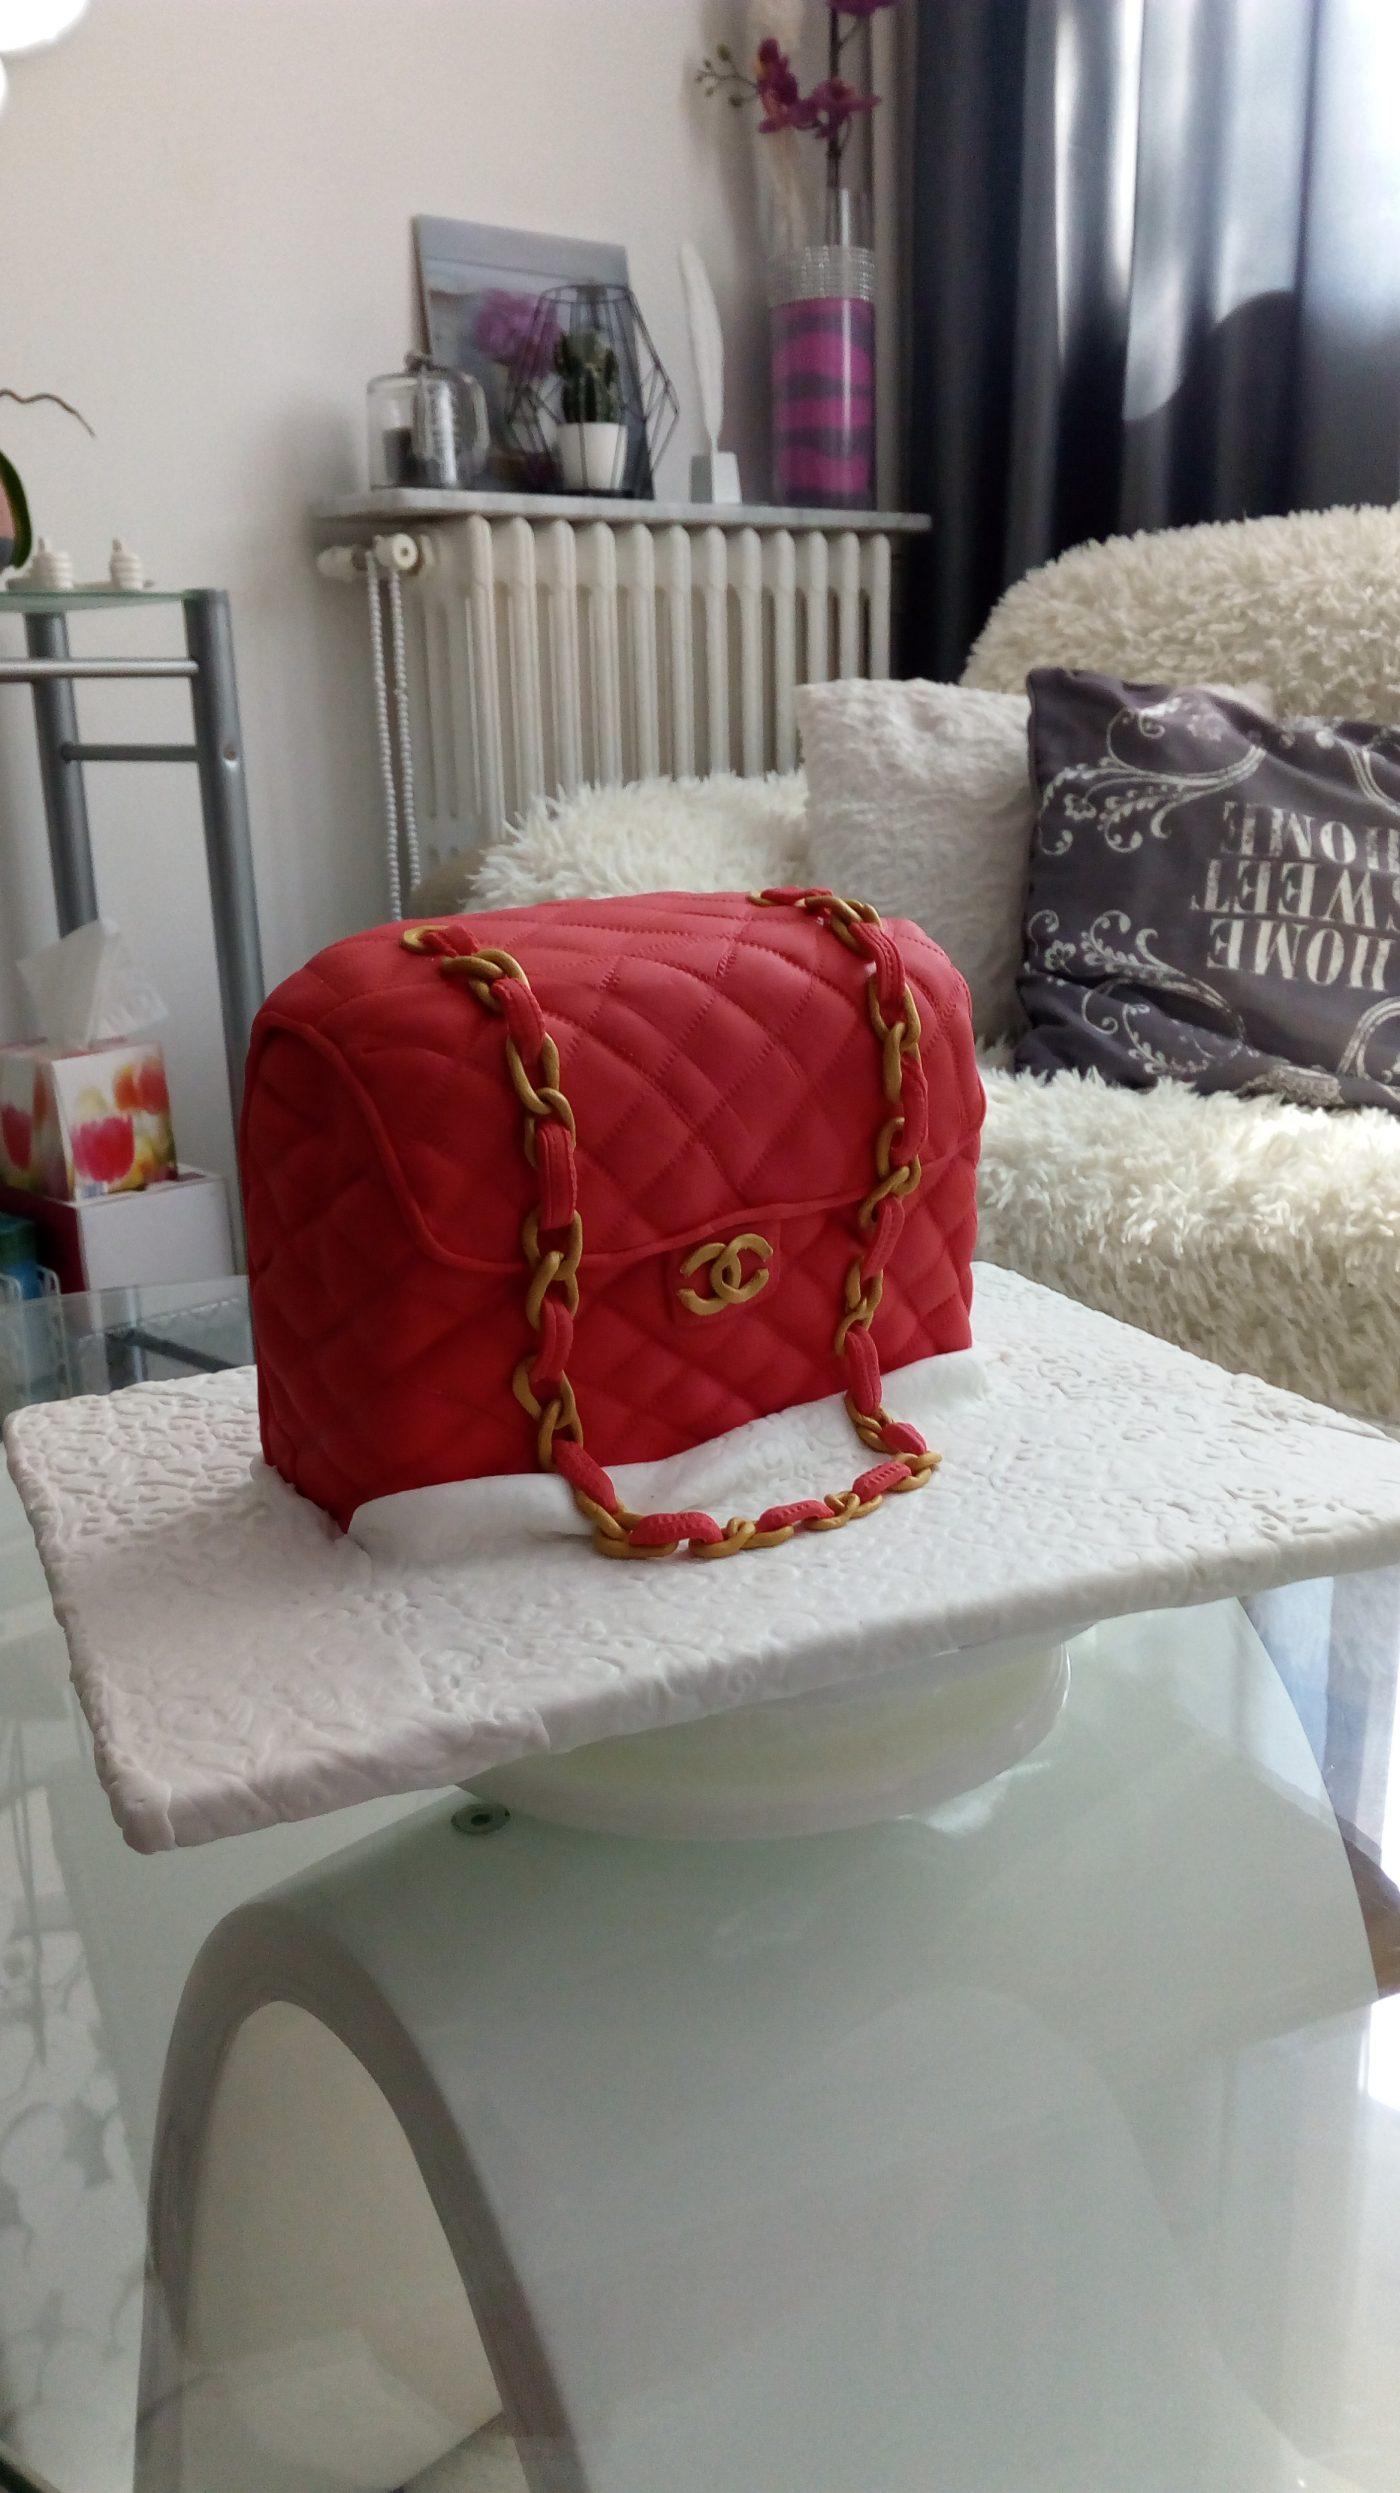 Gâteau sac Chanel en pâte à sucre